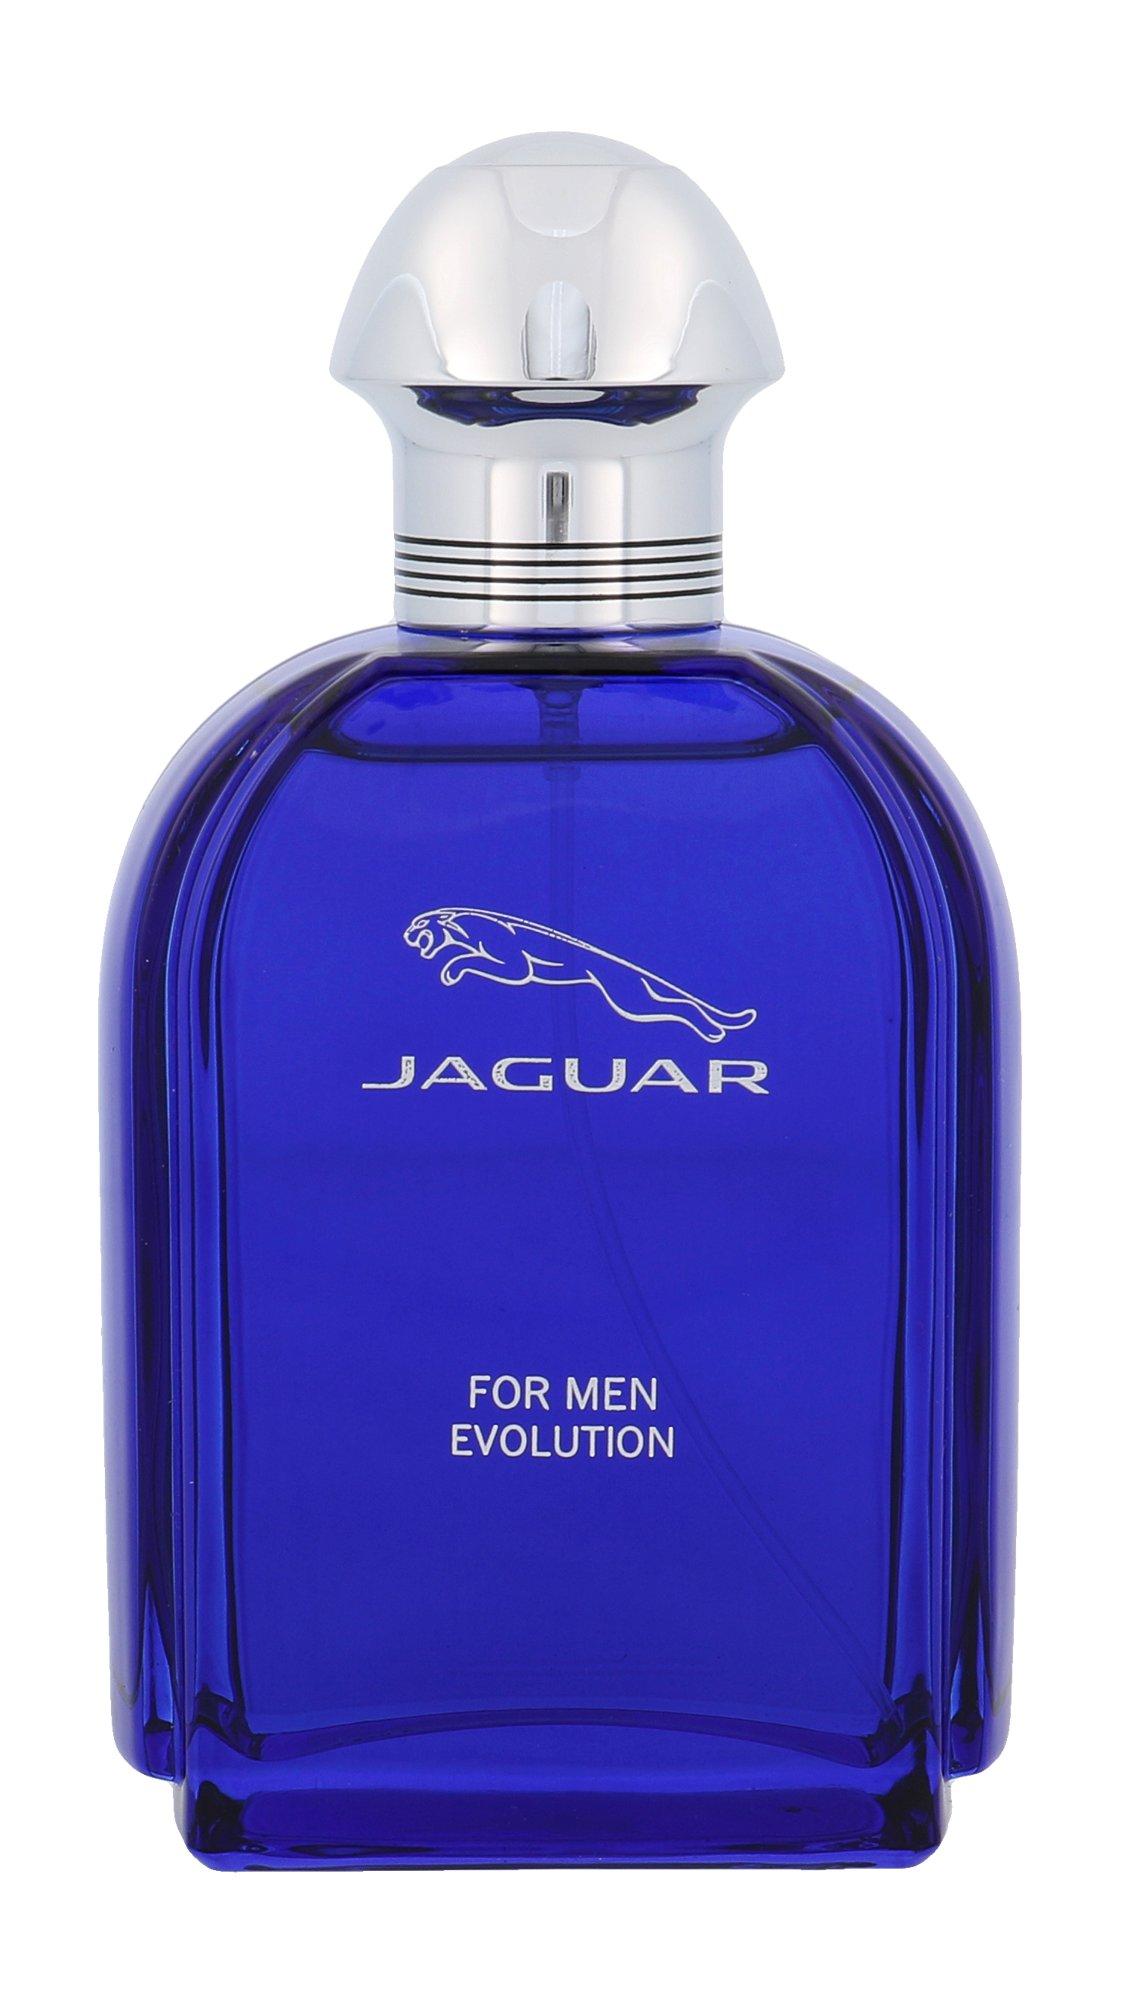 Jaguar For Men Evolution, Toaletní voda 90ml - Tester